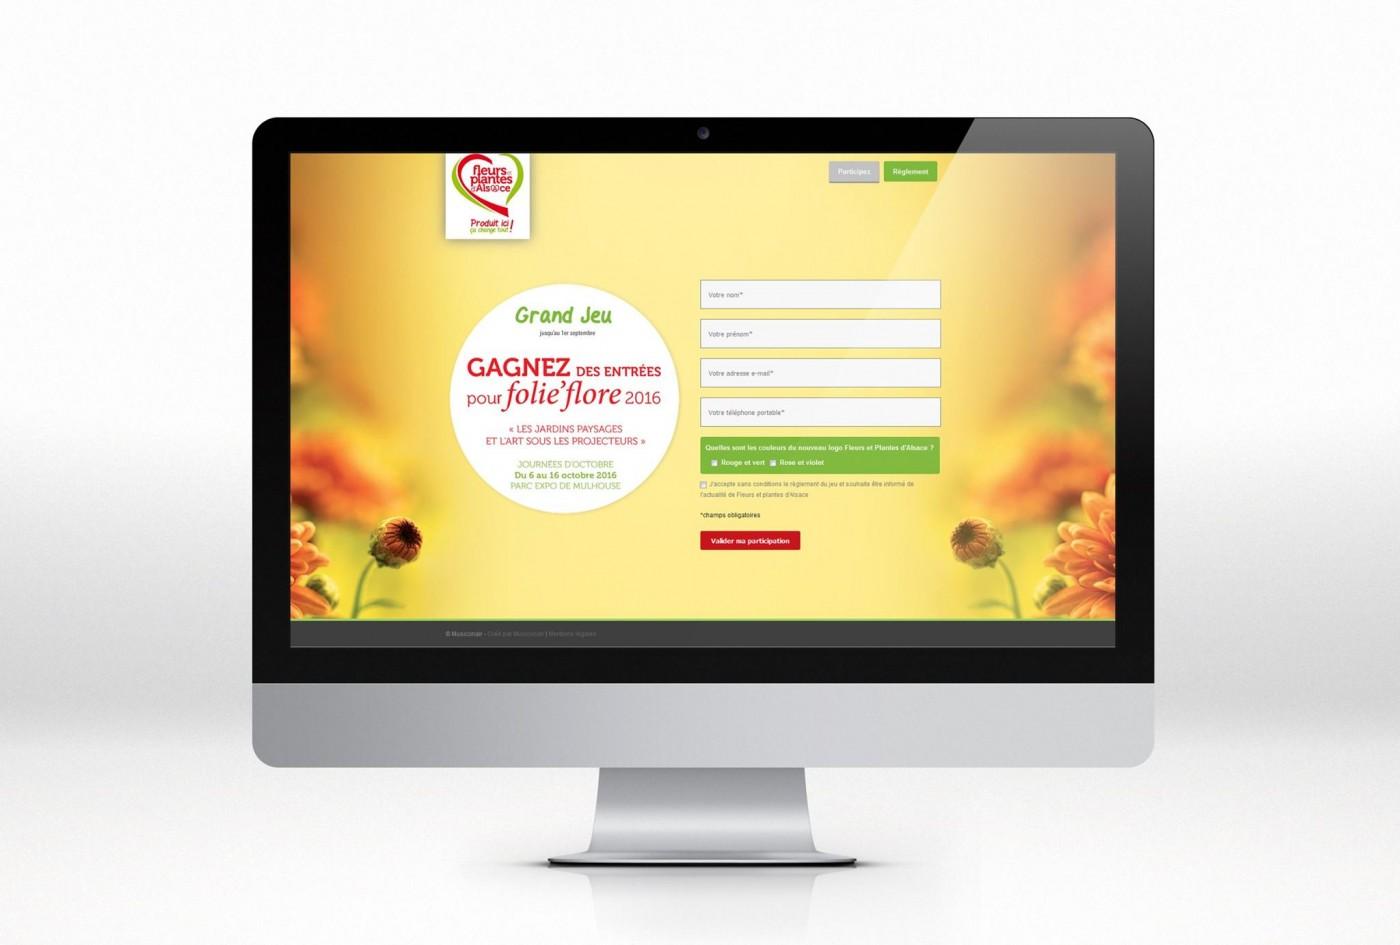 Horticulteurs fleurs et plantes d 39 alsace animation des for Site de vente de plantes